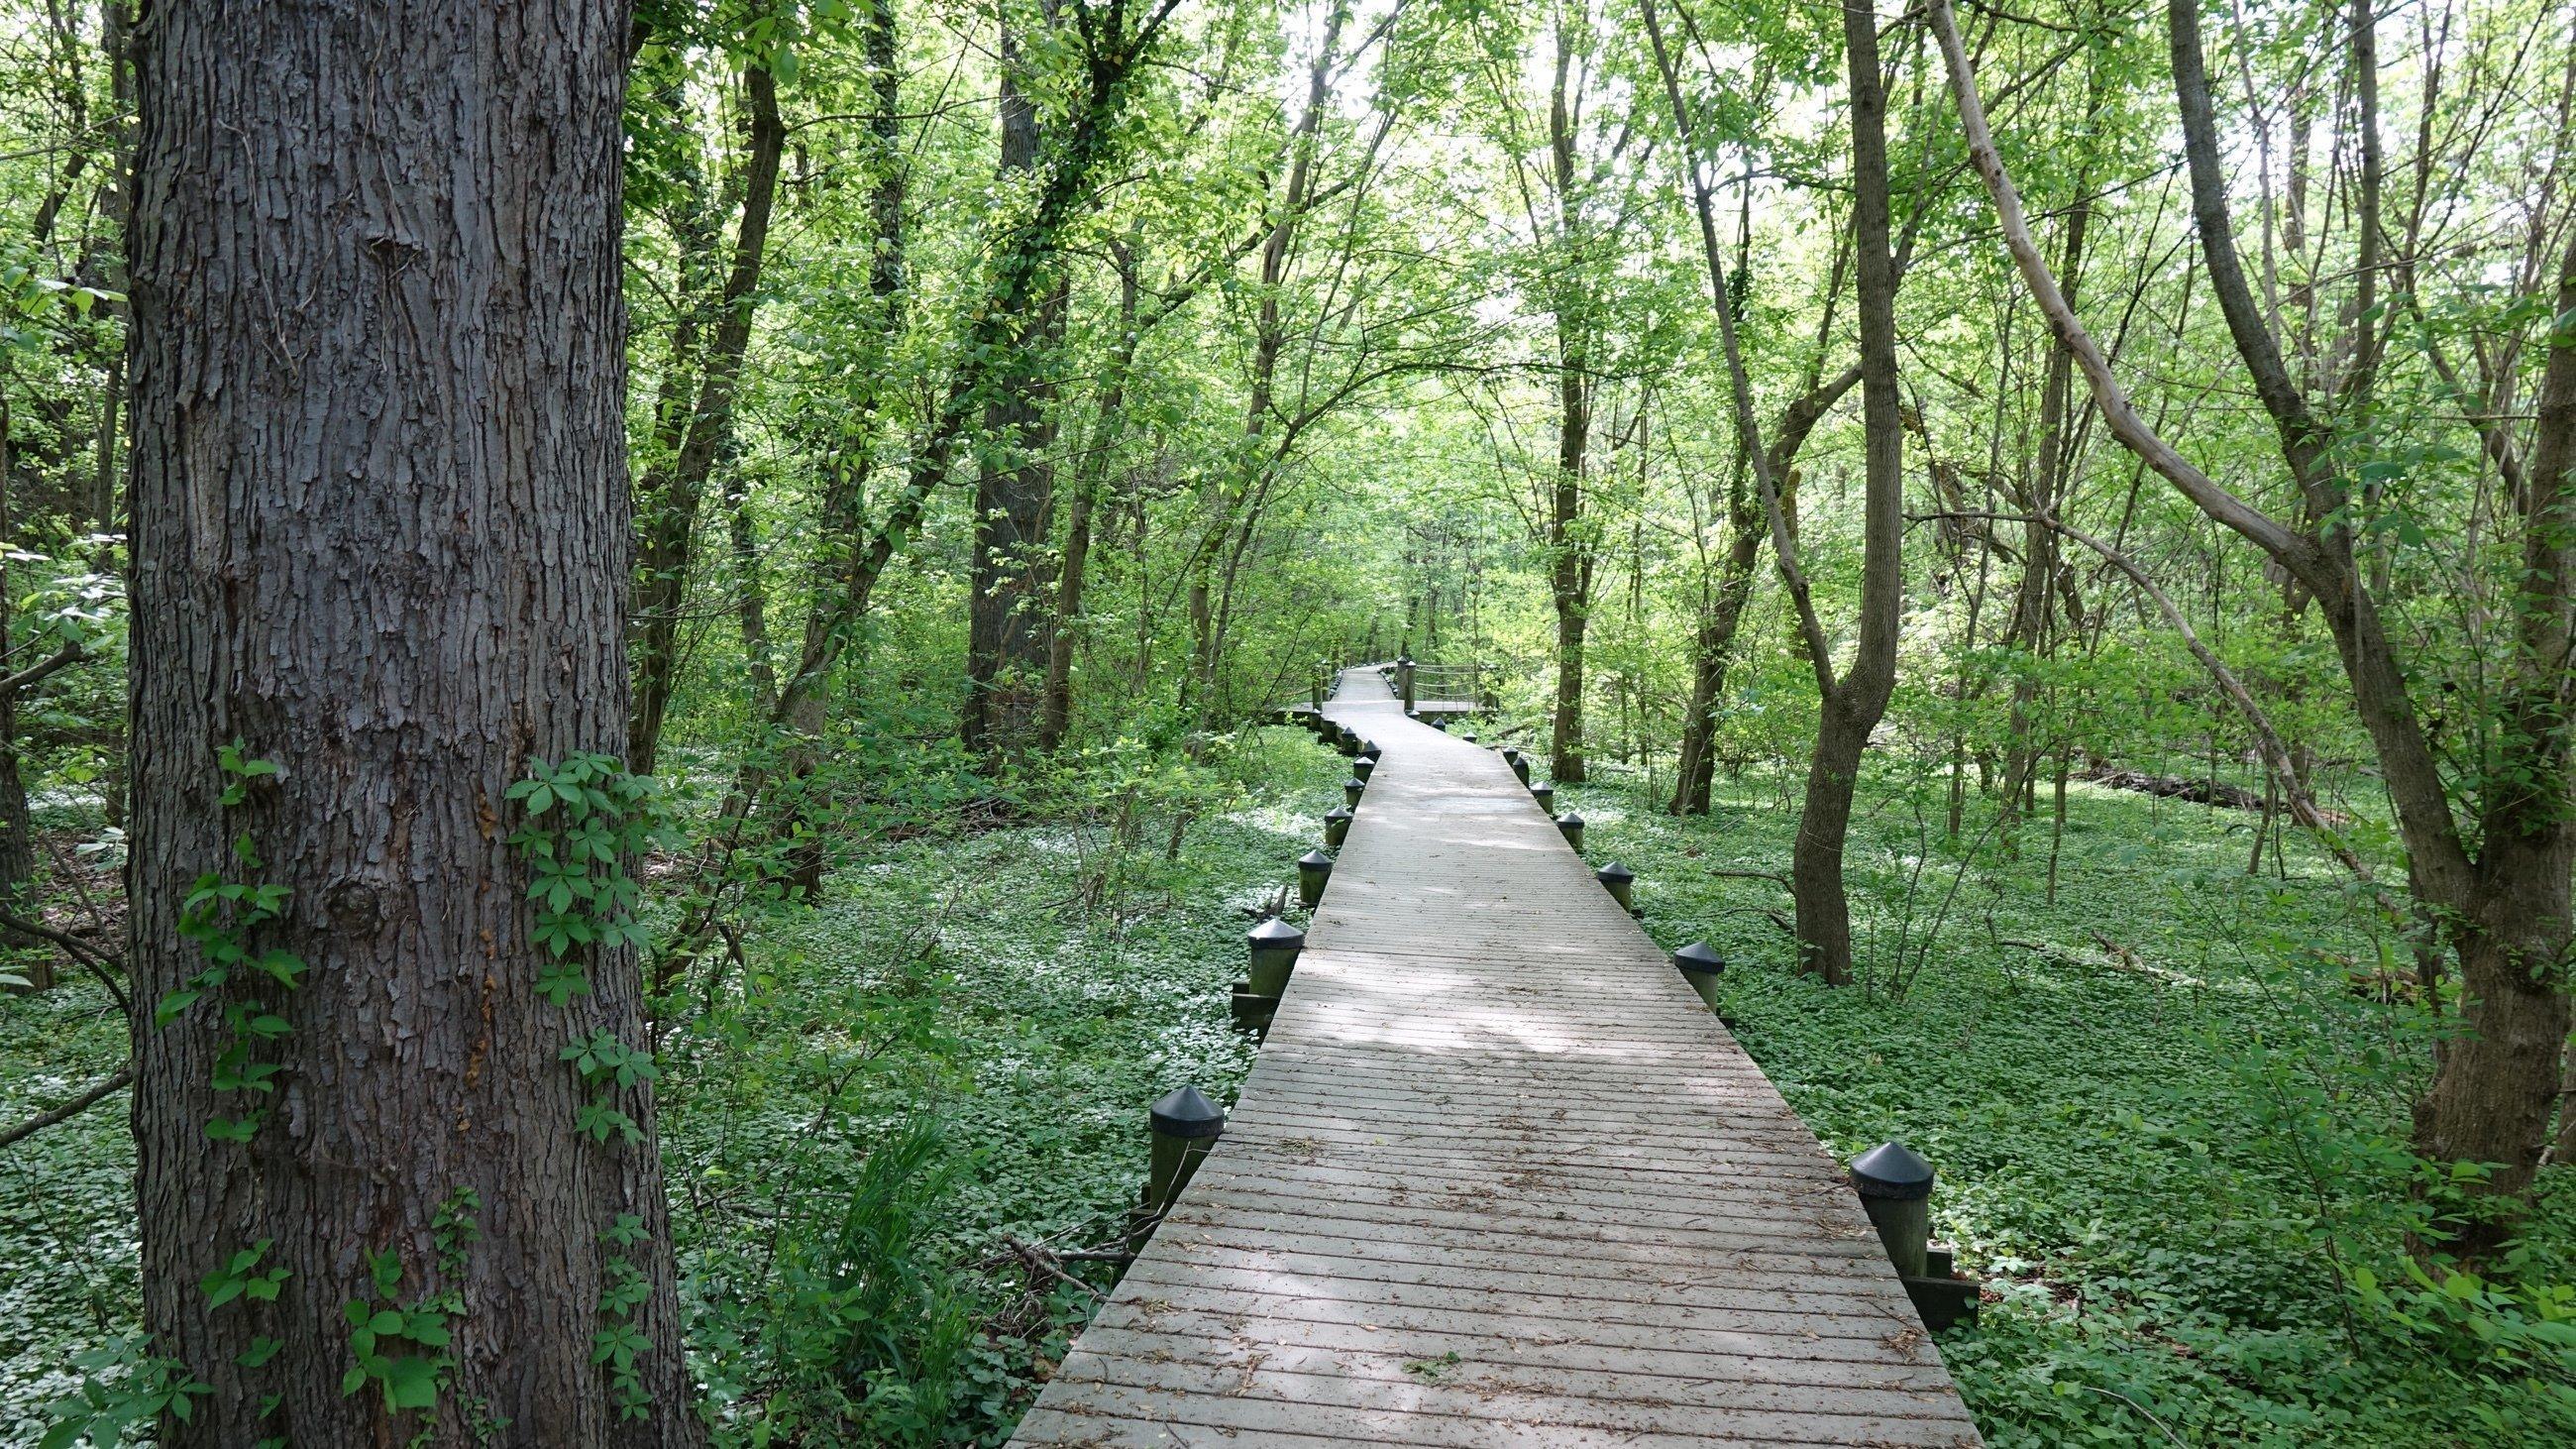 Ein Holzsteg führt durch dichte grüne Natur.